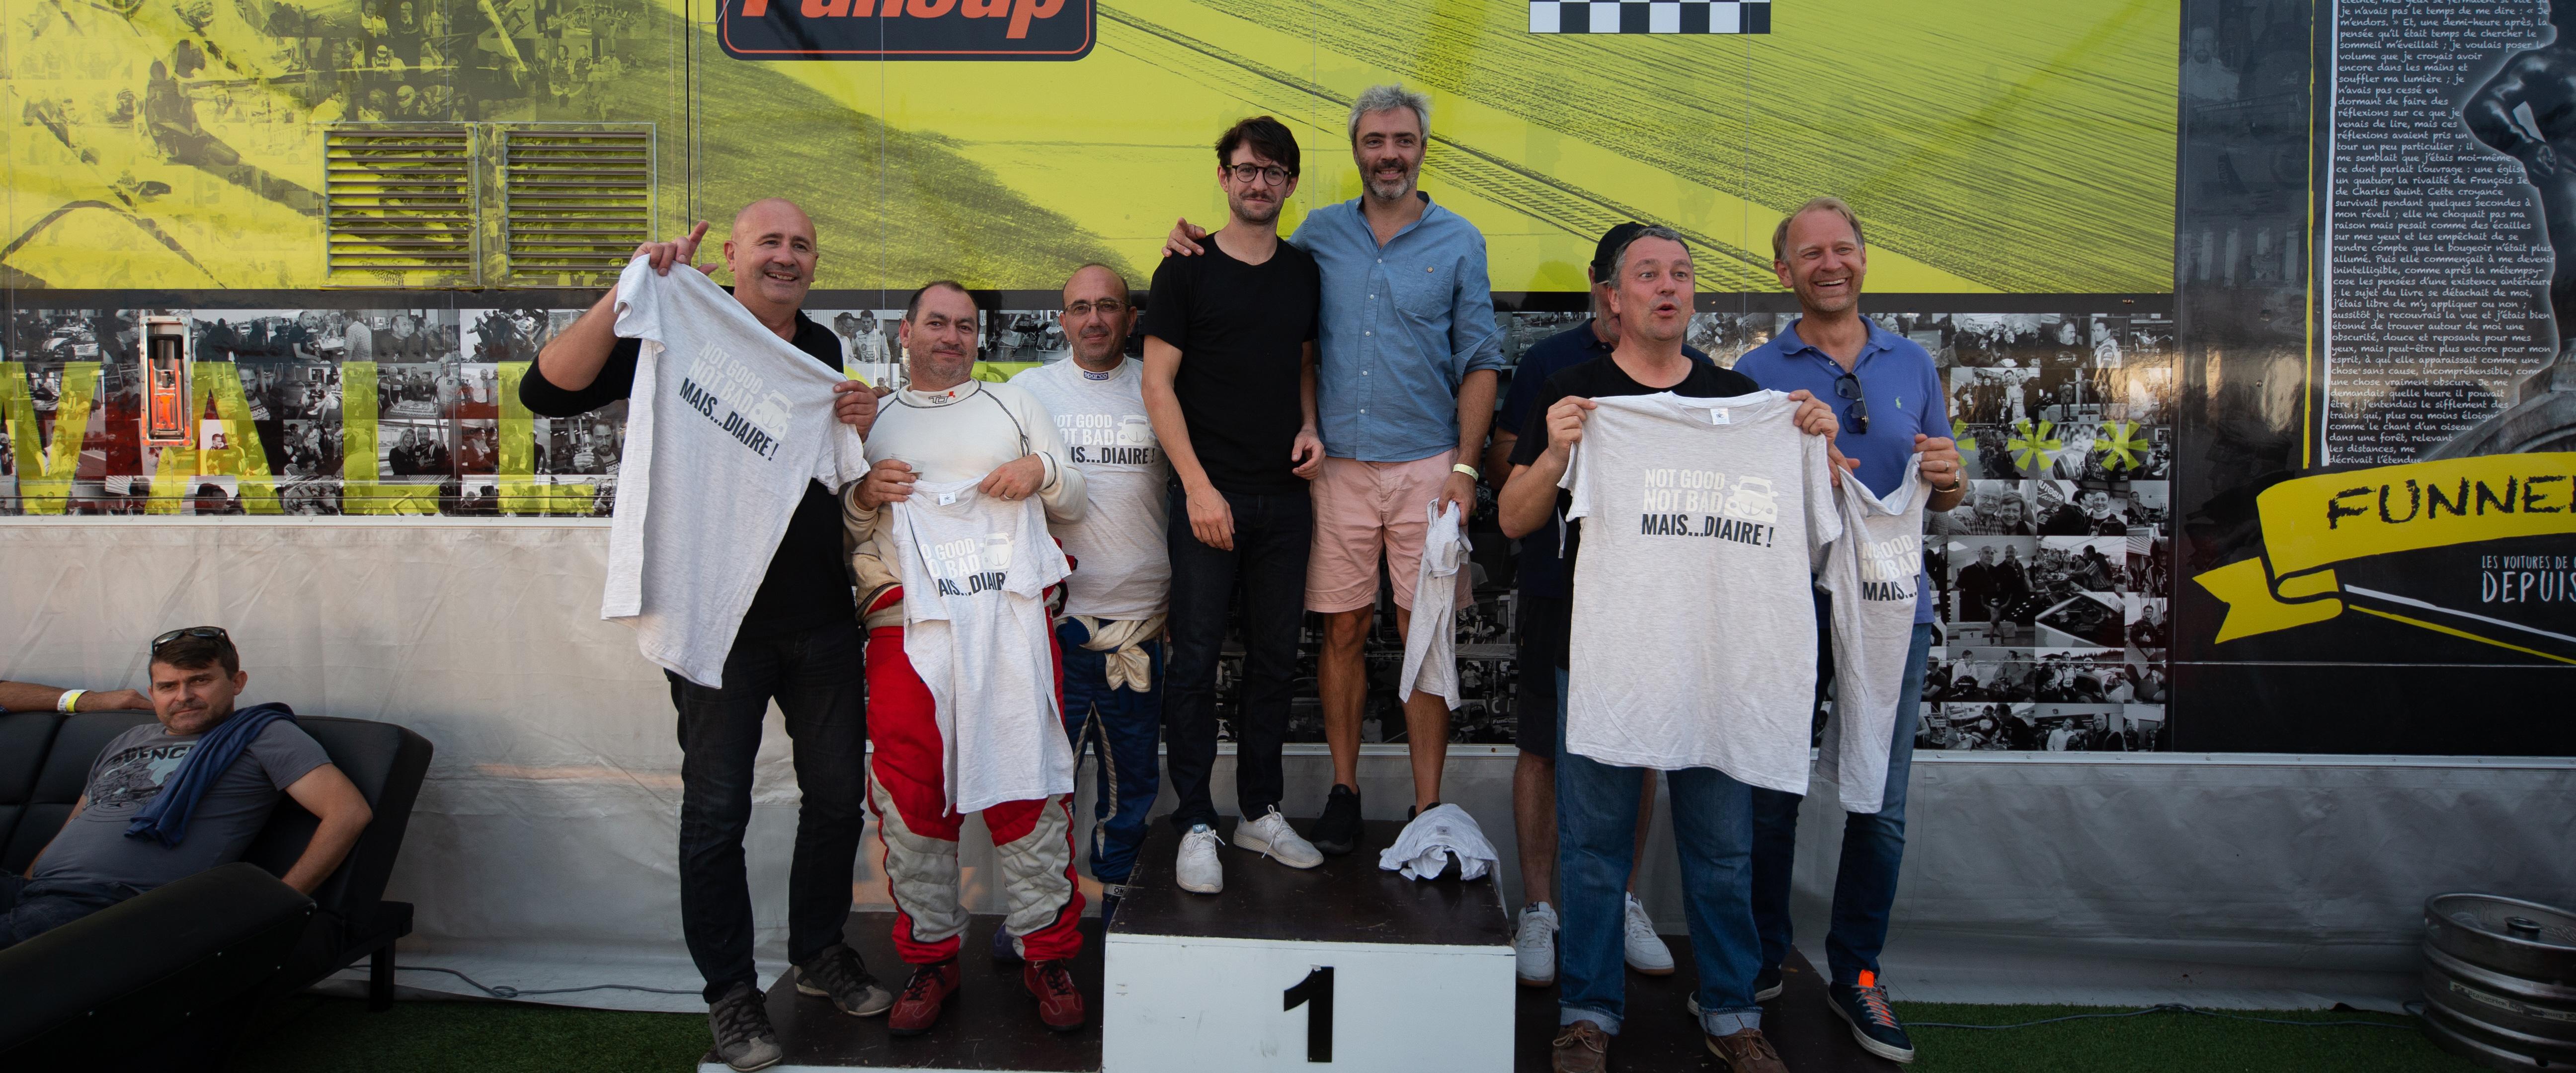 Fun Cup - Saison 2019 - LEDENON - 27, 28 & 29 septembre 2019